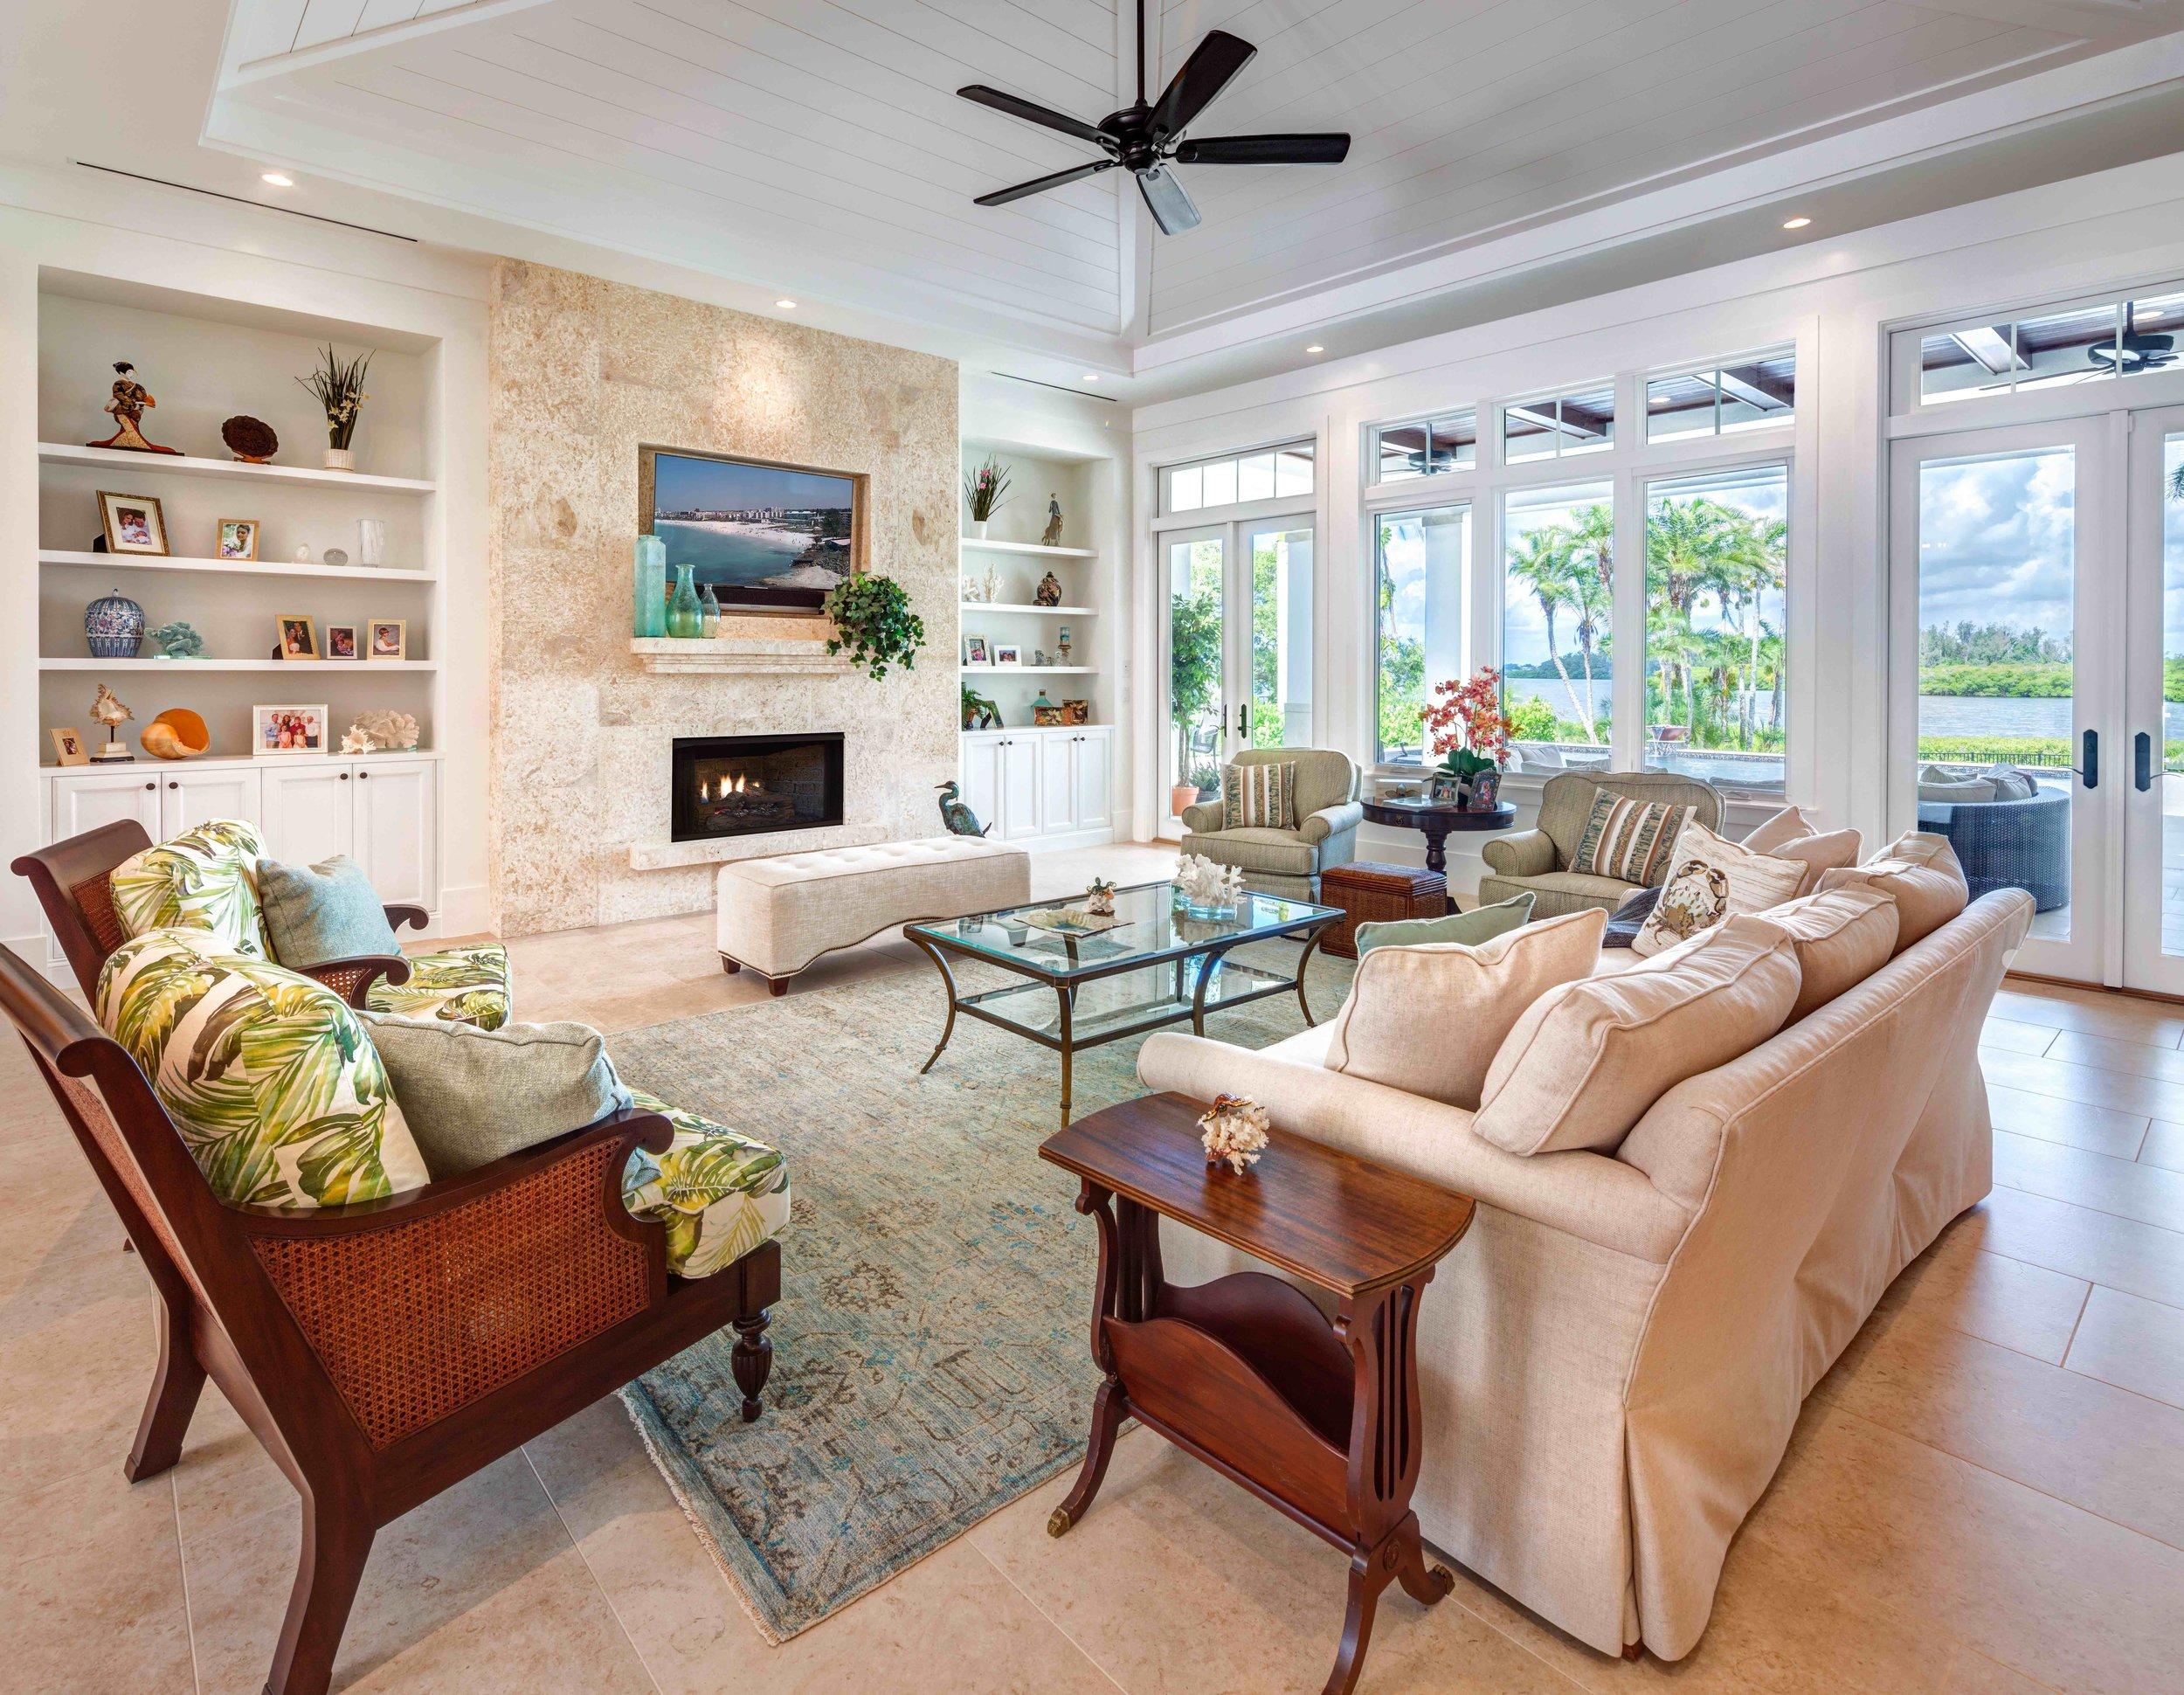 3910-Living Room.jpg